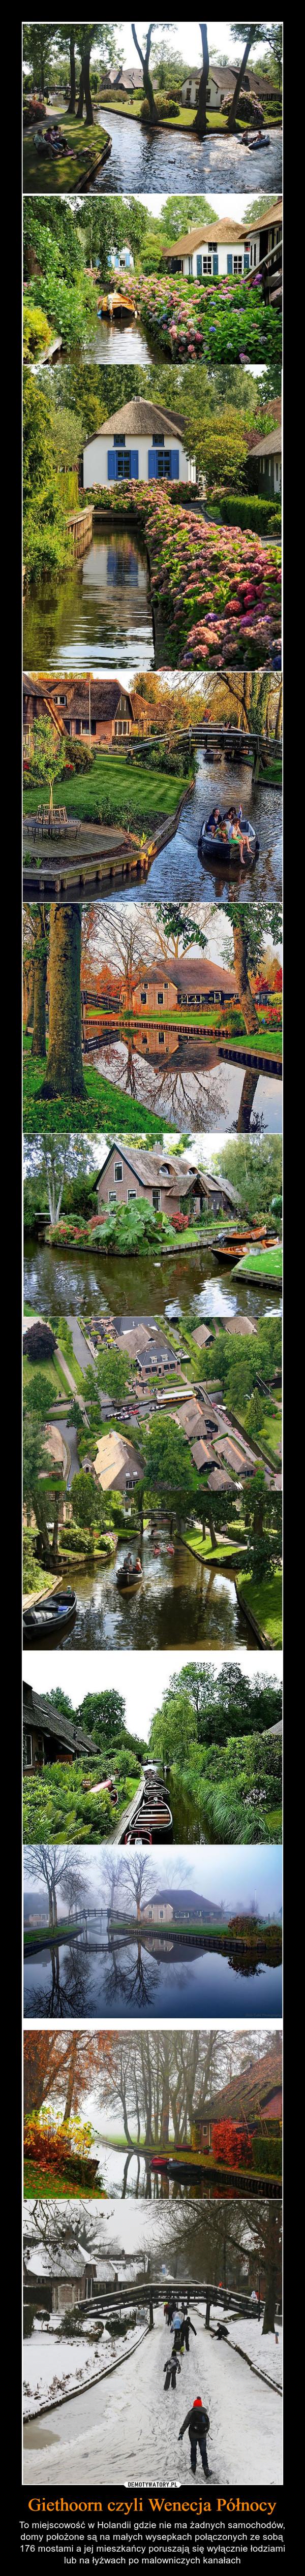 Giethoorn czyli Wenecja Północy – To miejscowość w Holandii gdzie nie ma żadnych samochodów, domy położone są na małych wysepkach połączonych ze sobą 176 mostami a jej mieszkańcy poruszają się wyłącznie łodziami lub na łyżwach po malowniczych kanałach